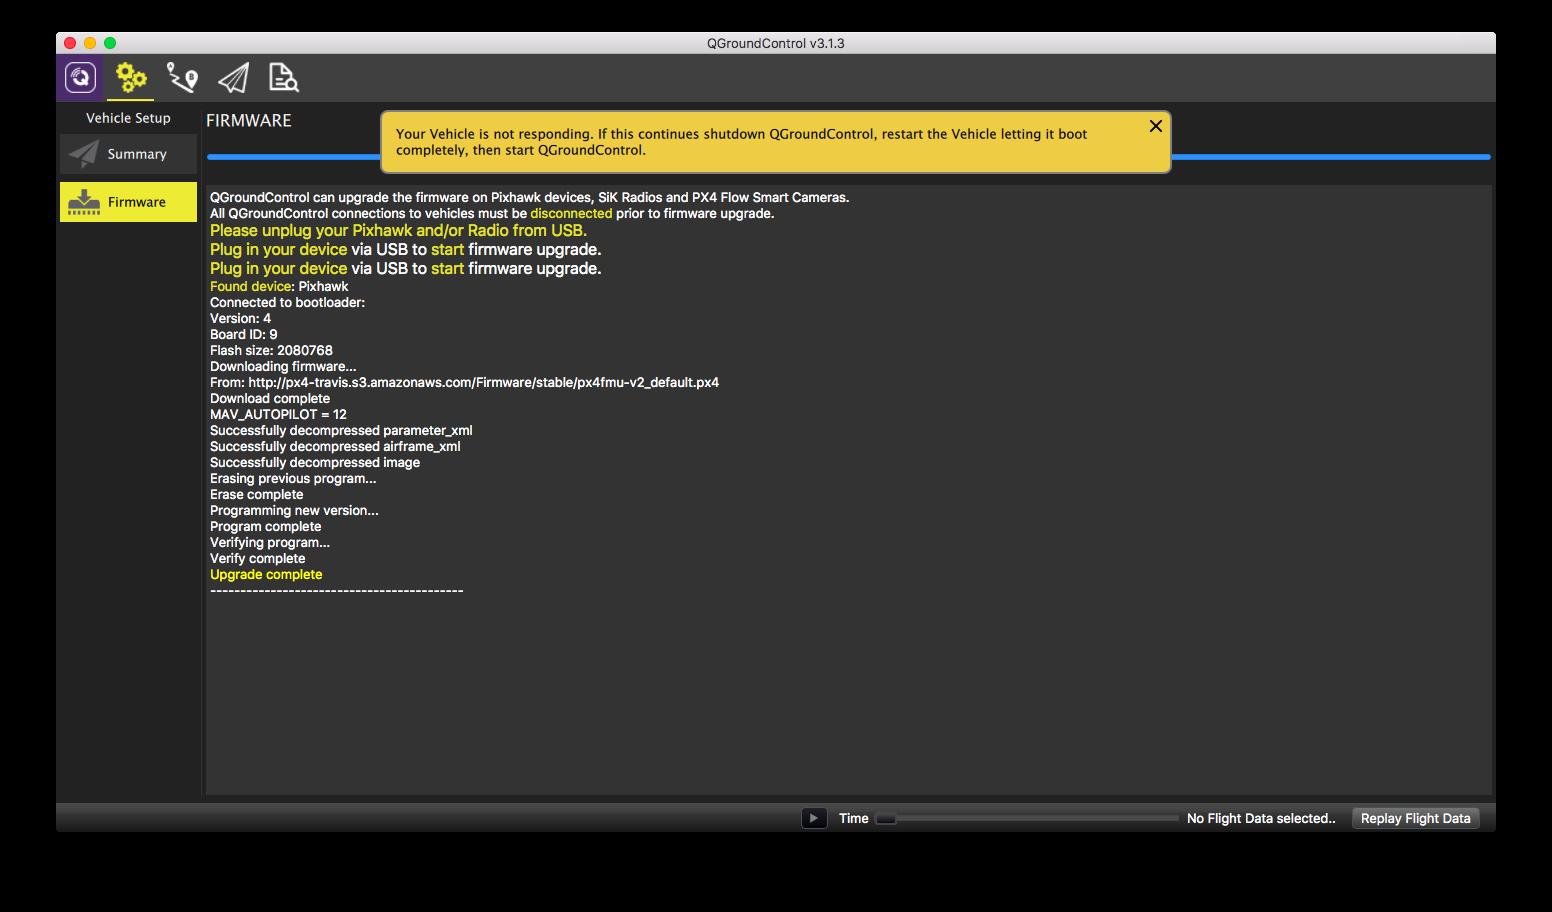 Pixhawk firmware unresponsive